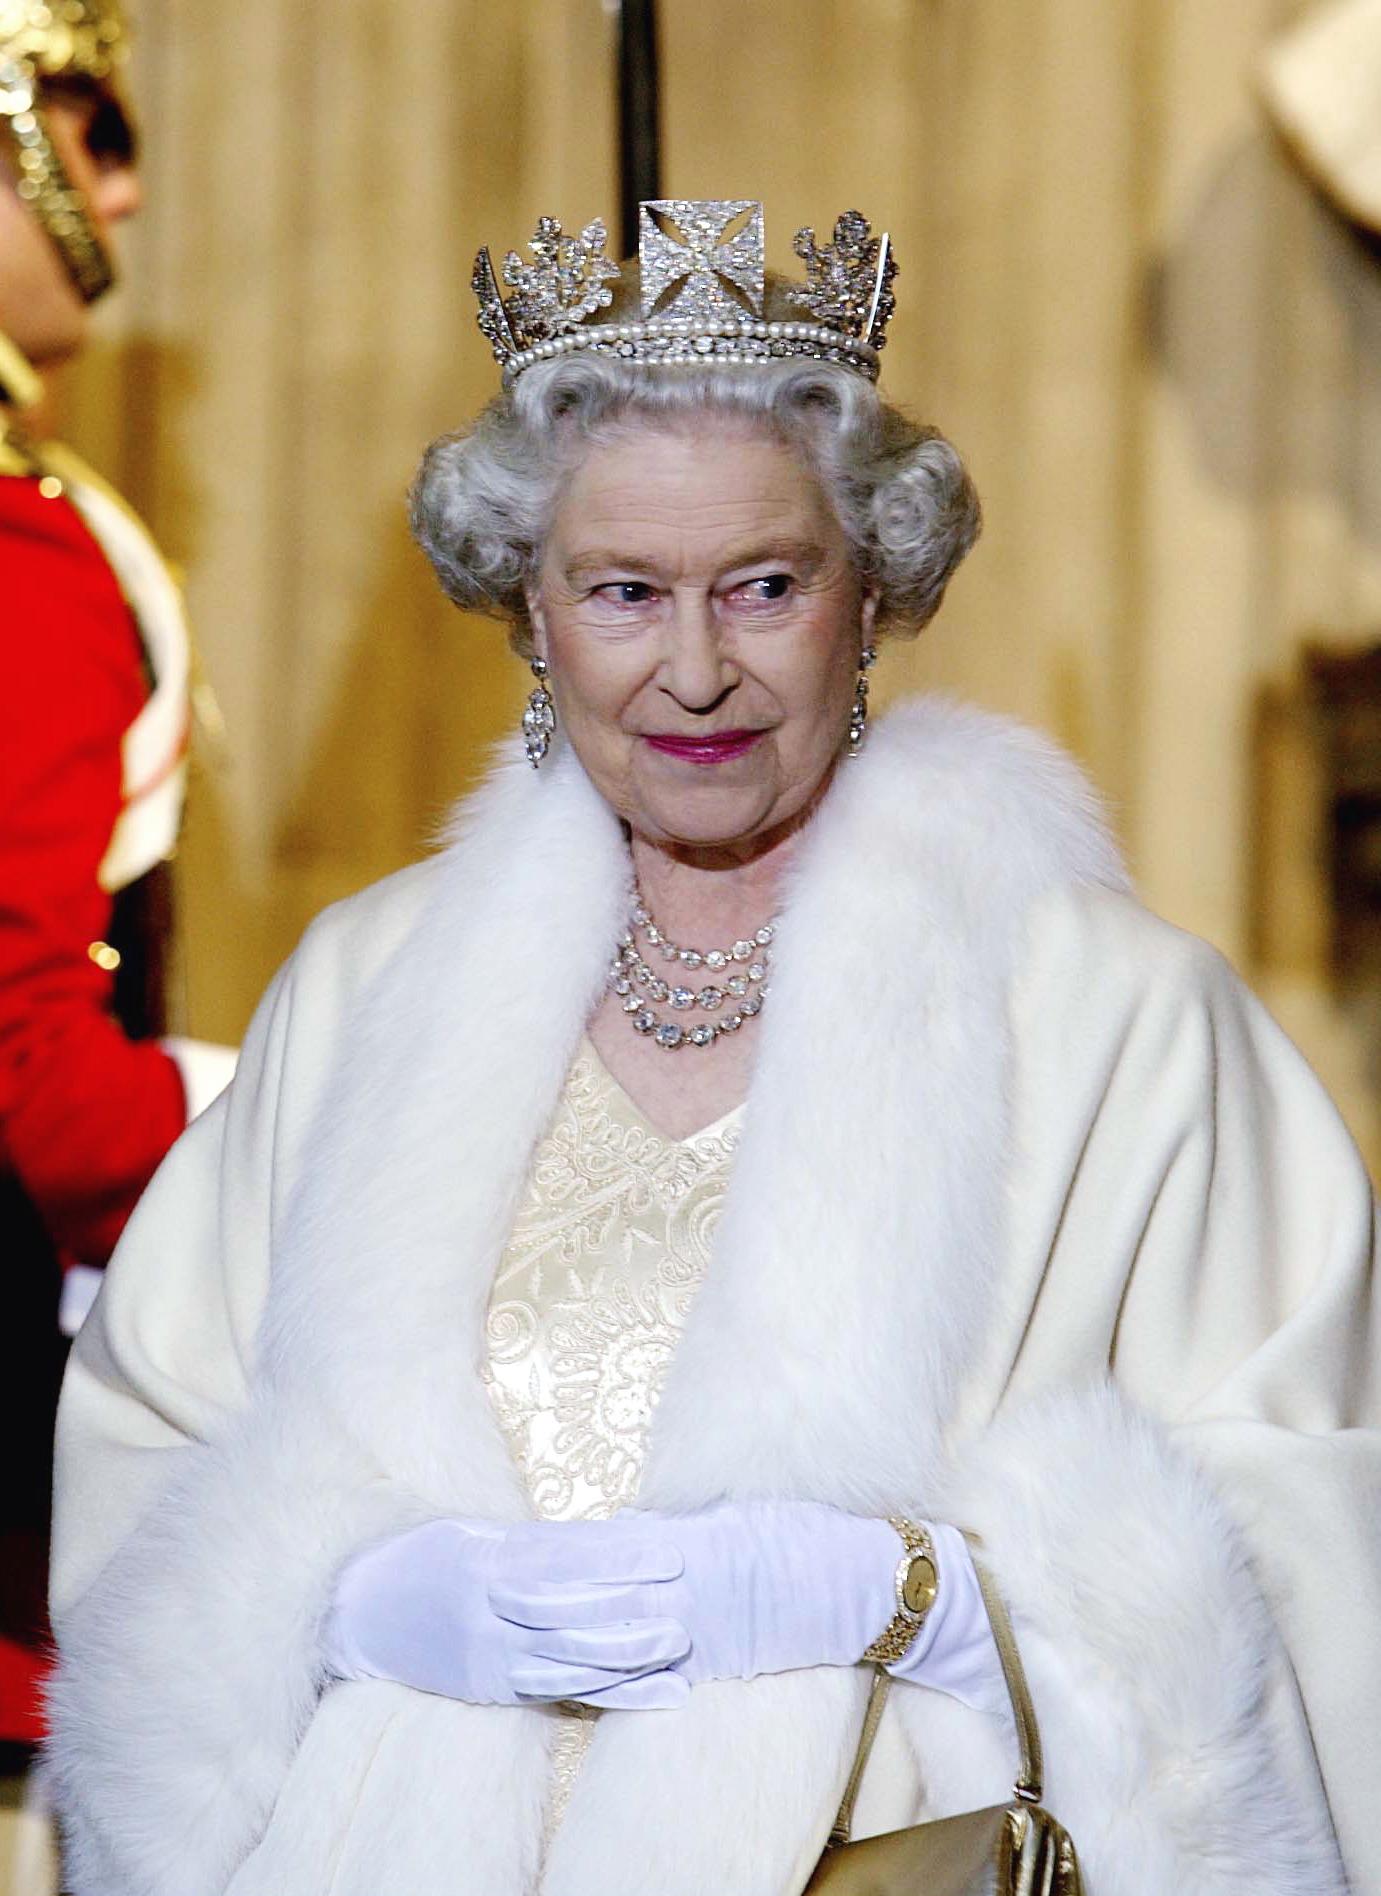 11 điều bạn có lẽ chưa biết về những chiếc vương miện tiara của hoàng gia - 10